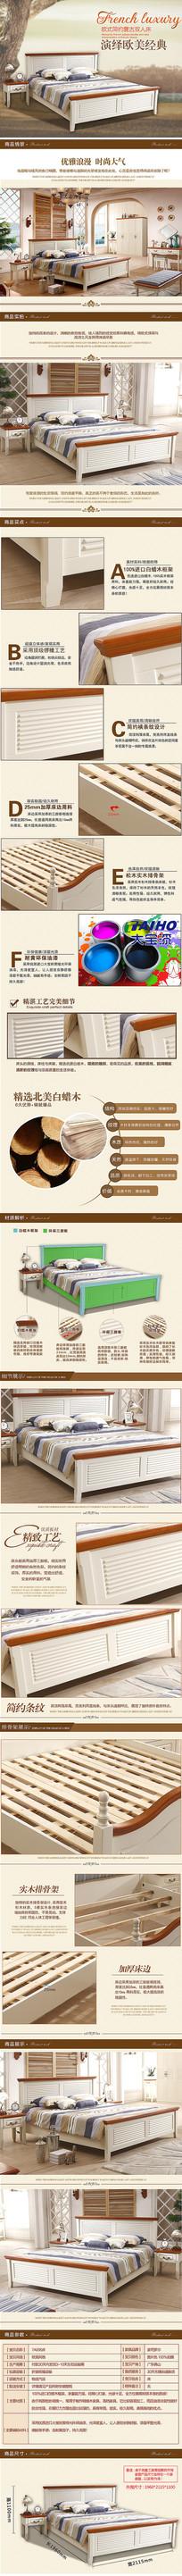 淘宝天猫家具实木床详情页描述模板